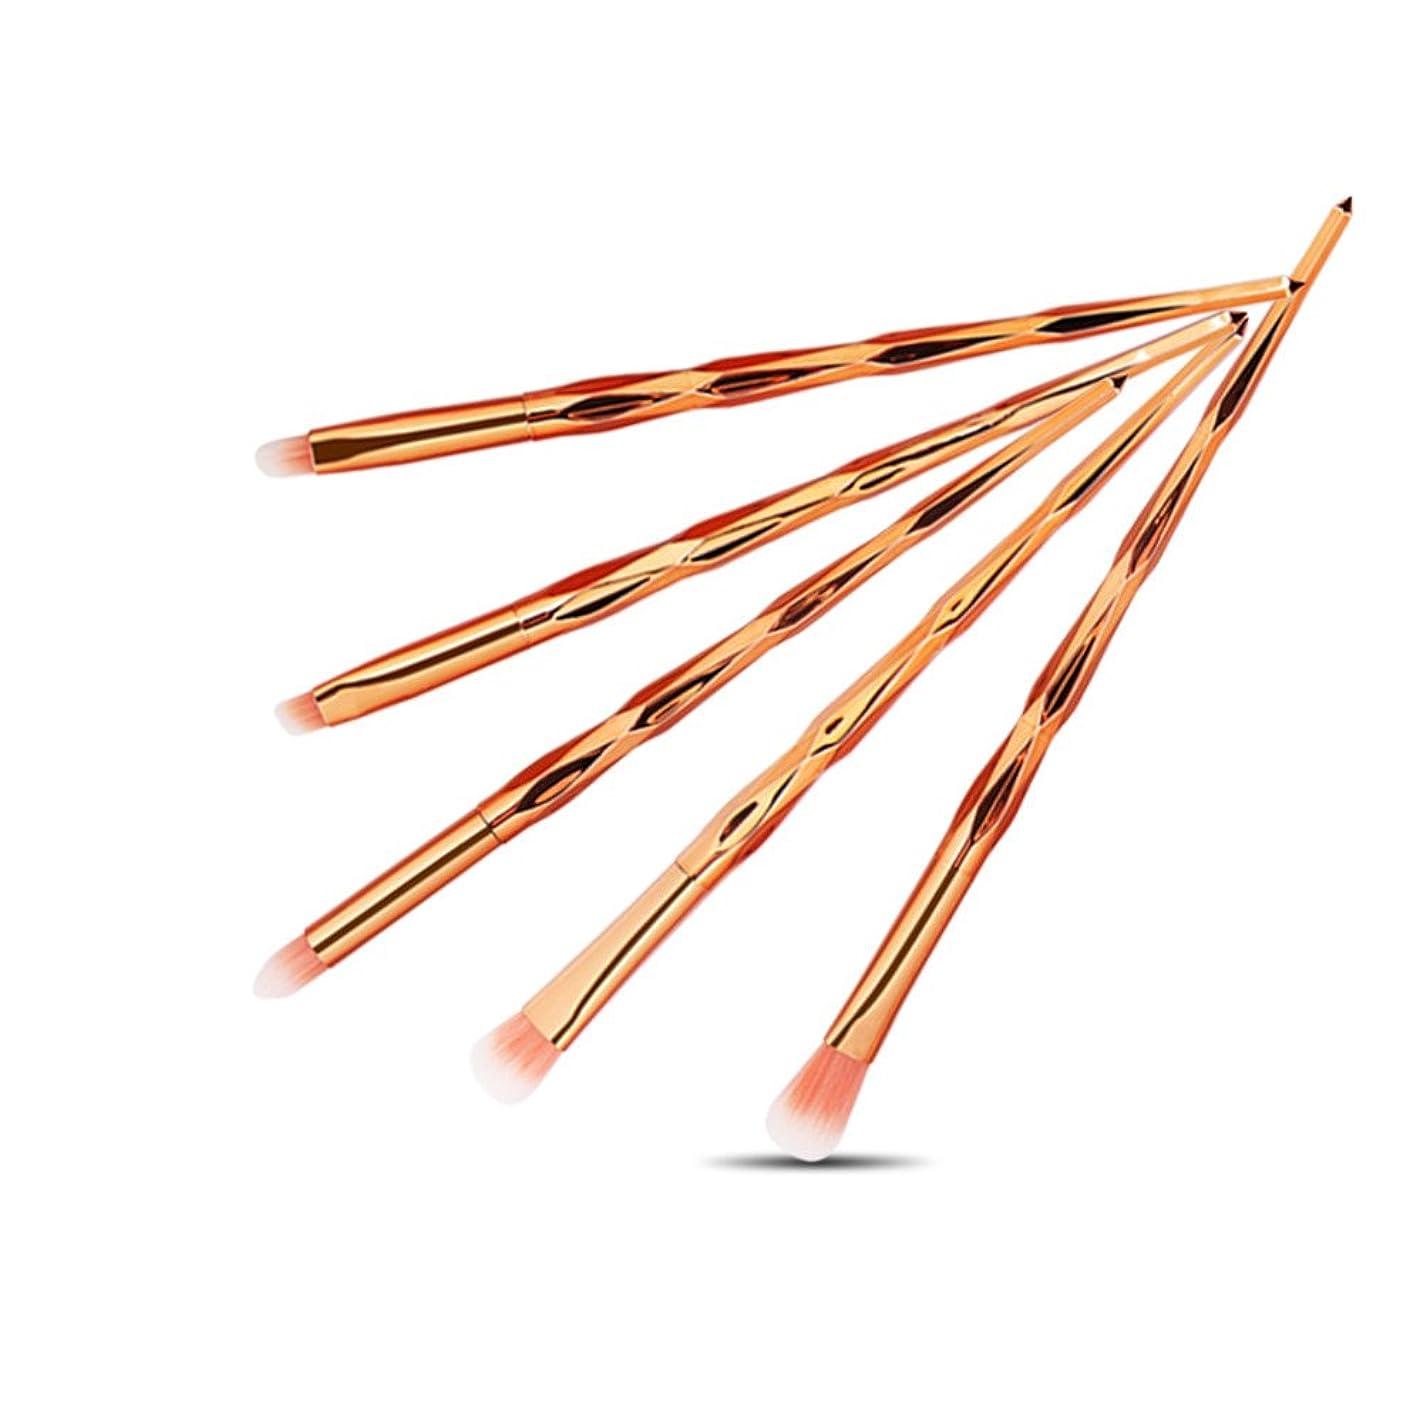 画面かかわらず発火するメイクブラシ 化粧ブラシ 5本 リップ アイシャドウブラシ シャオメイスター